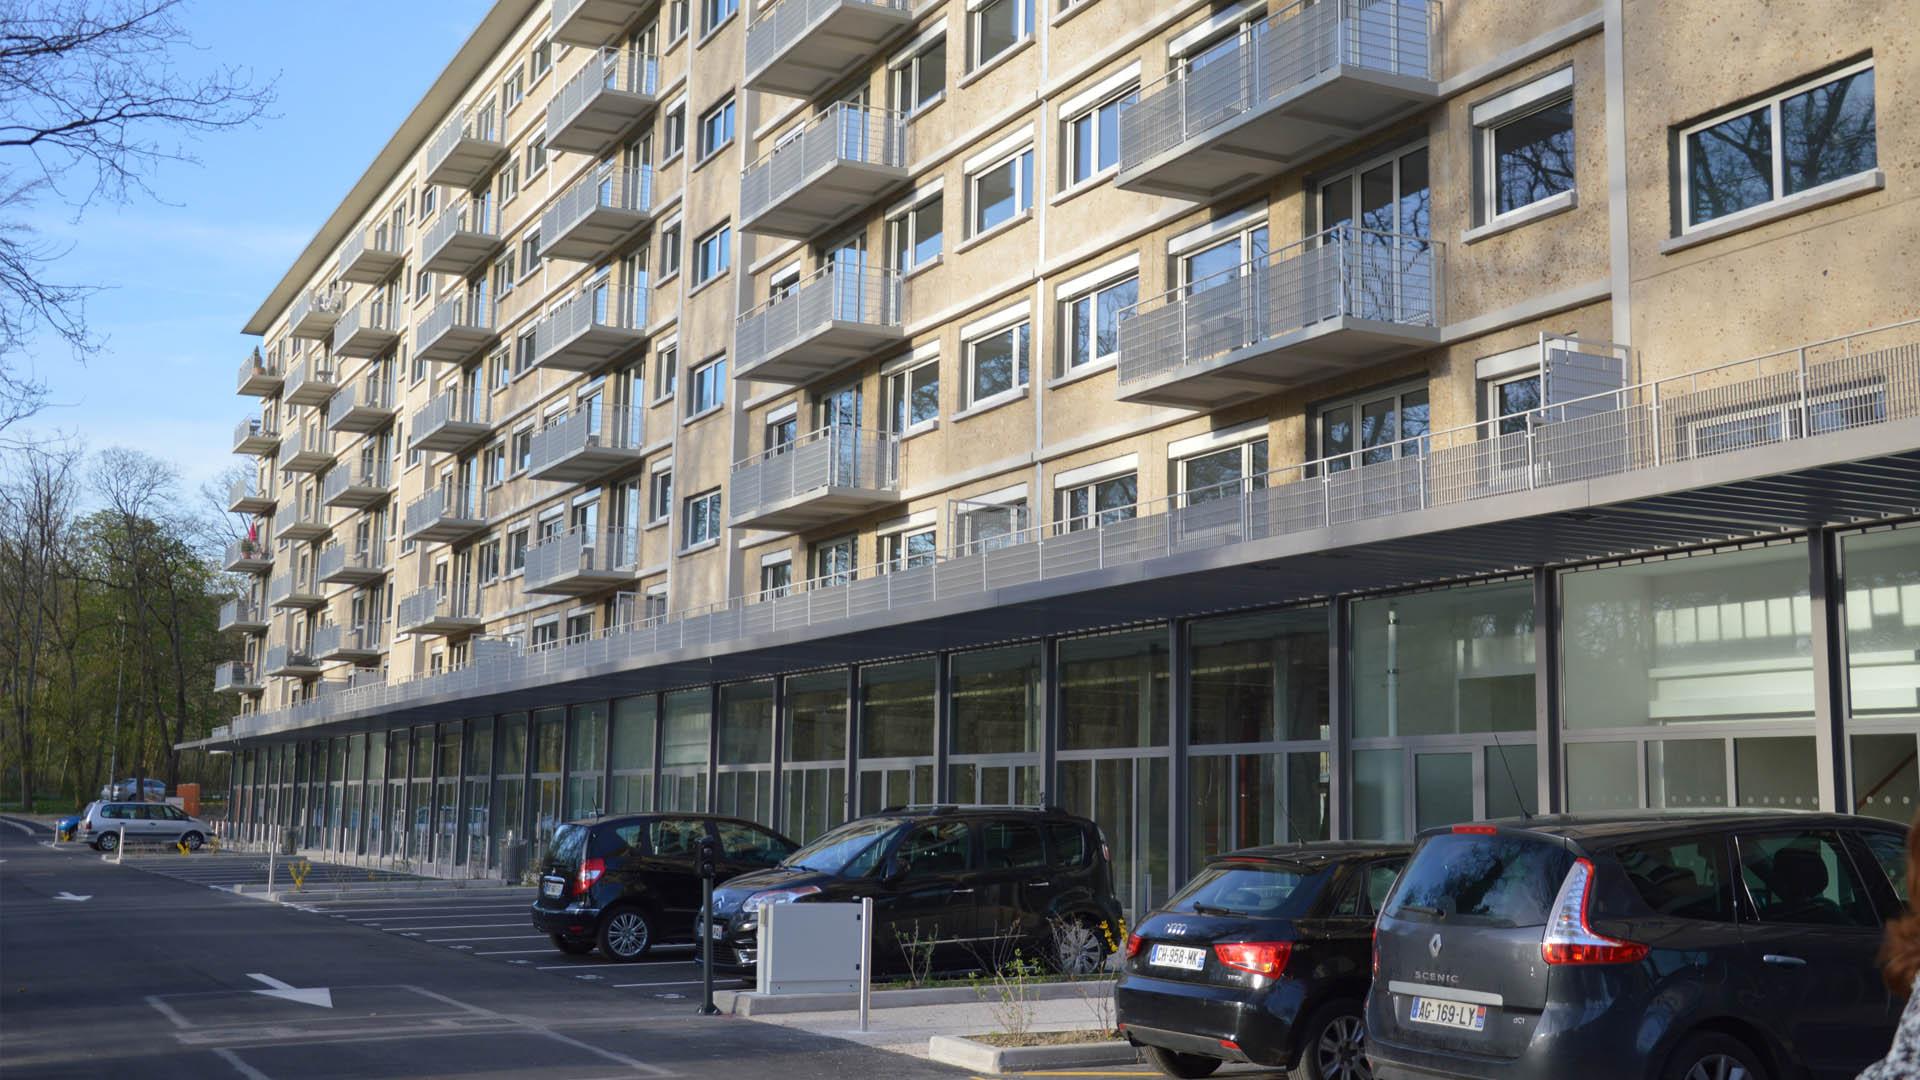 Habitat et logement social u pays de fontainebleau